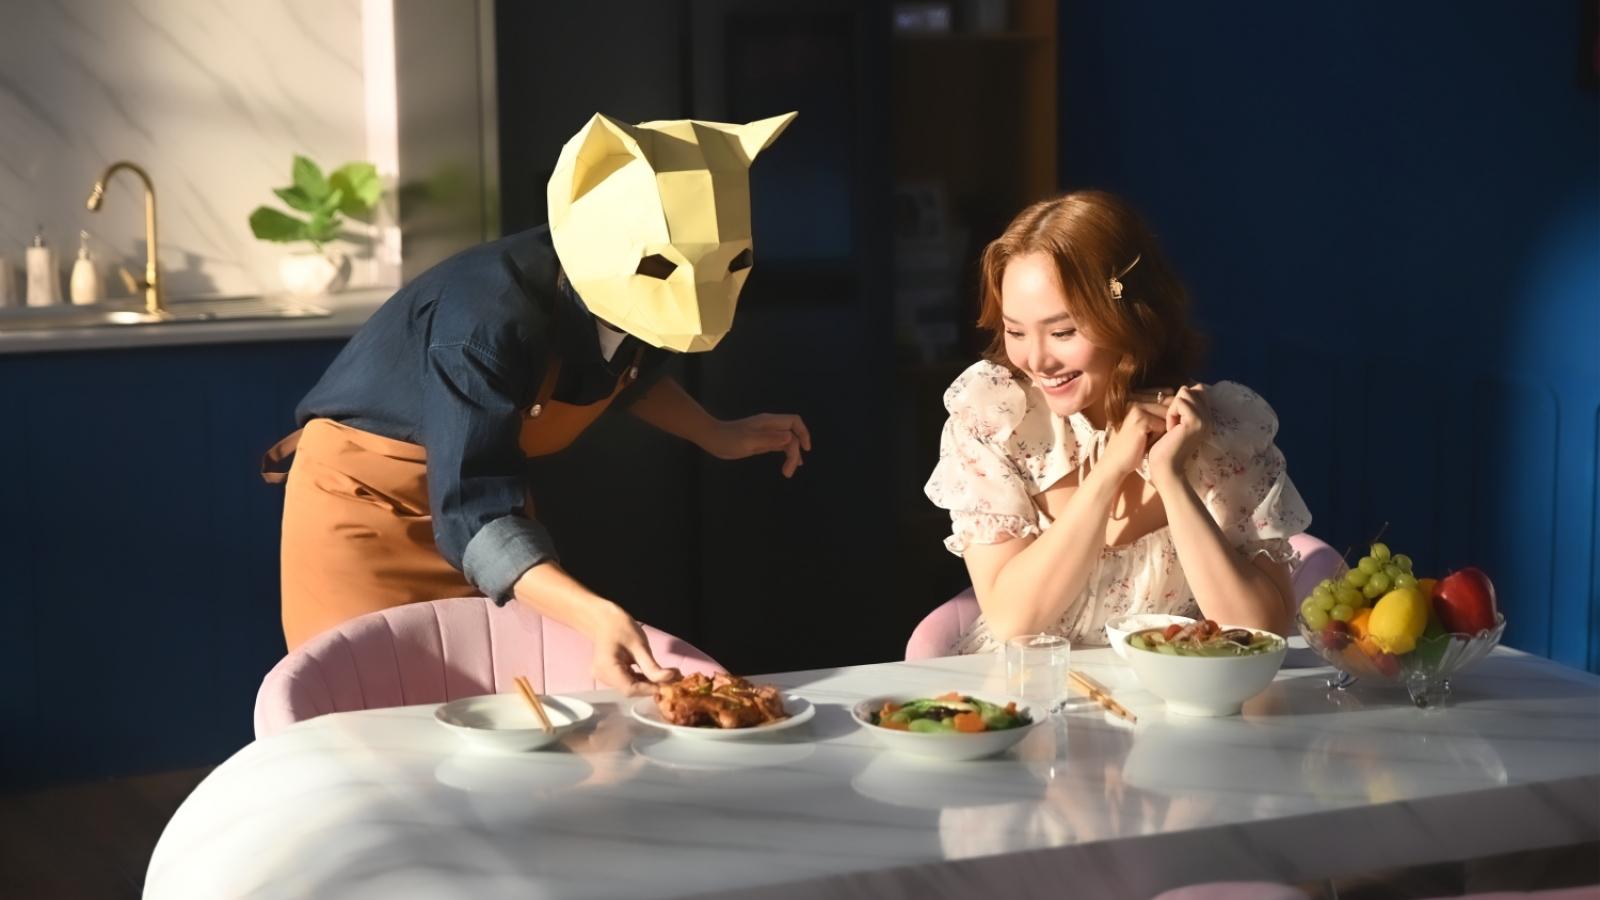 """Miu Lê tung teaser """"Thầm thương trộm nhớ"""", úp mở về """"anh mèo"""" bí ẩn"""